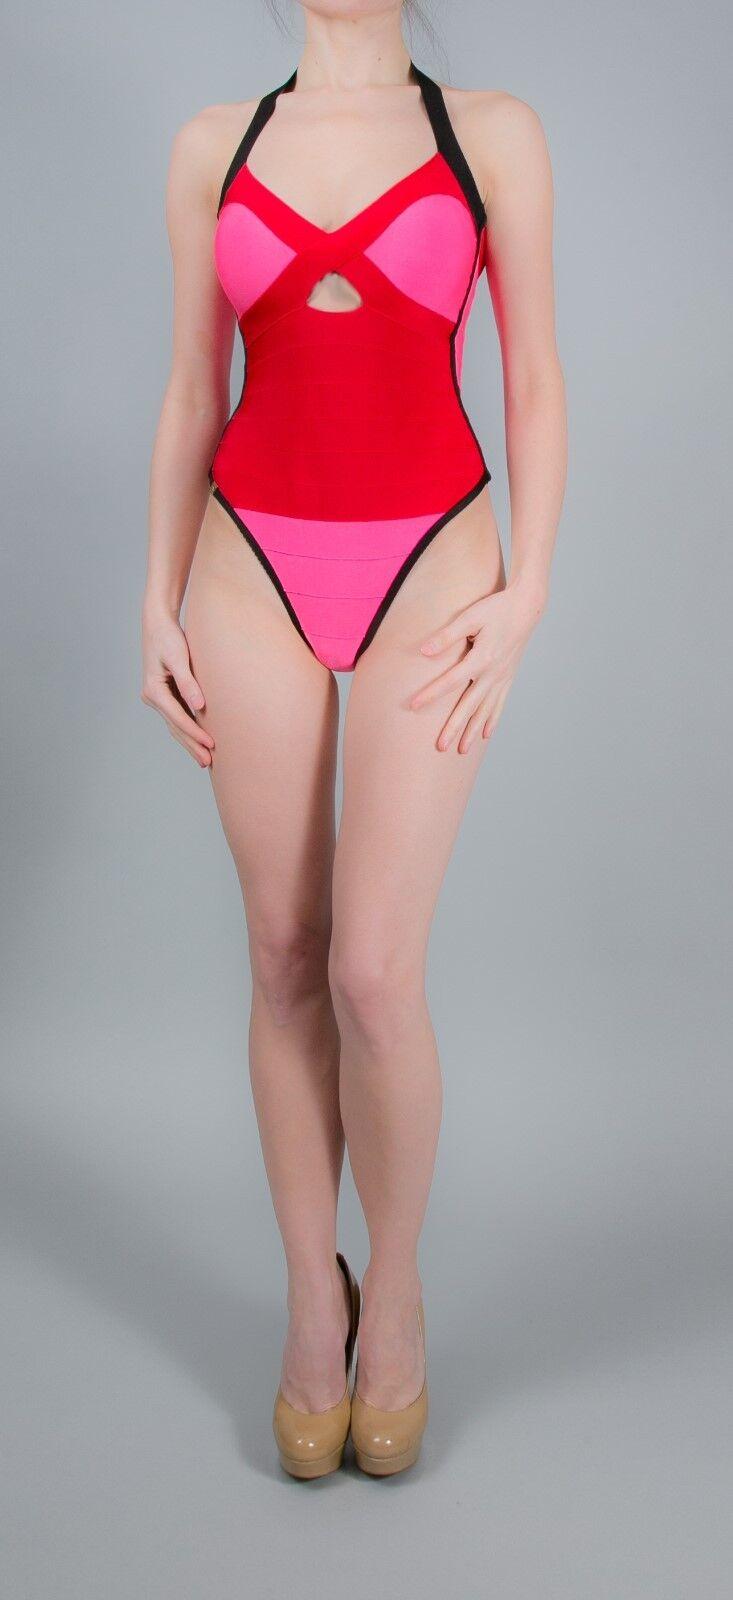 34-m2130-911643 Elegante Bikini reversibile in lillà-Tg